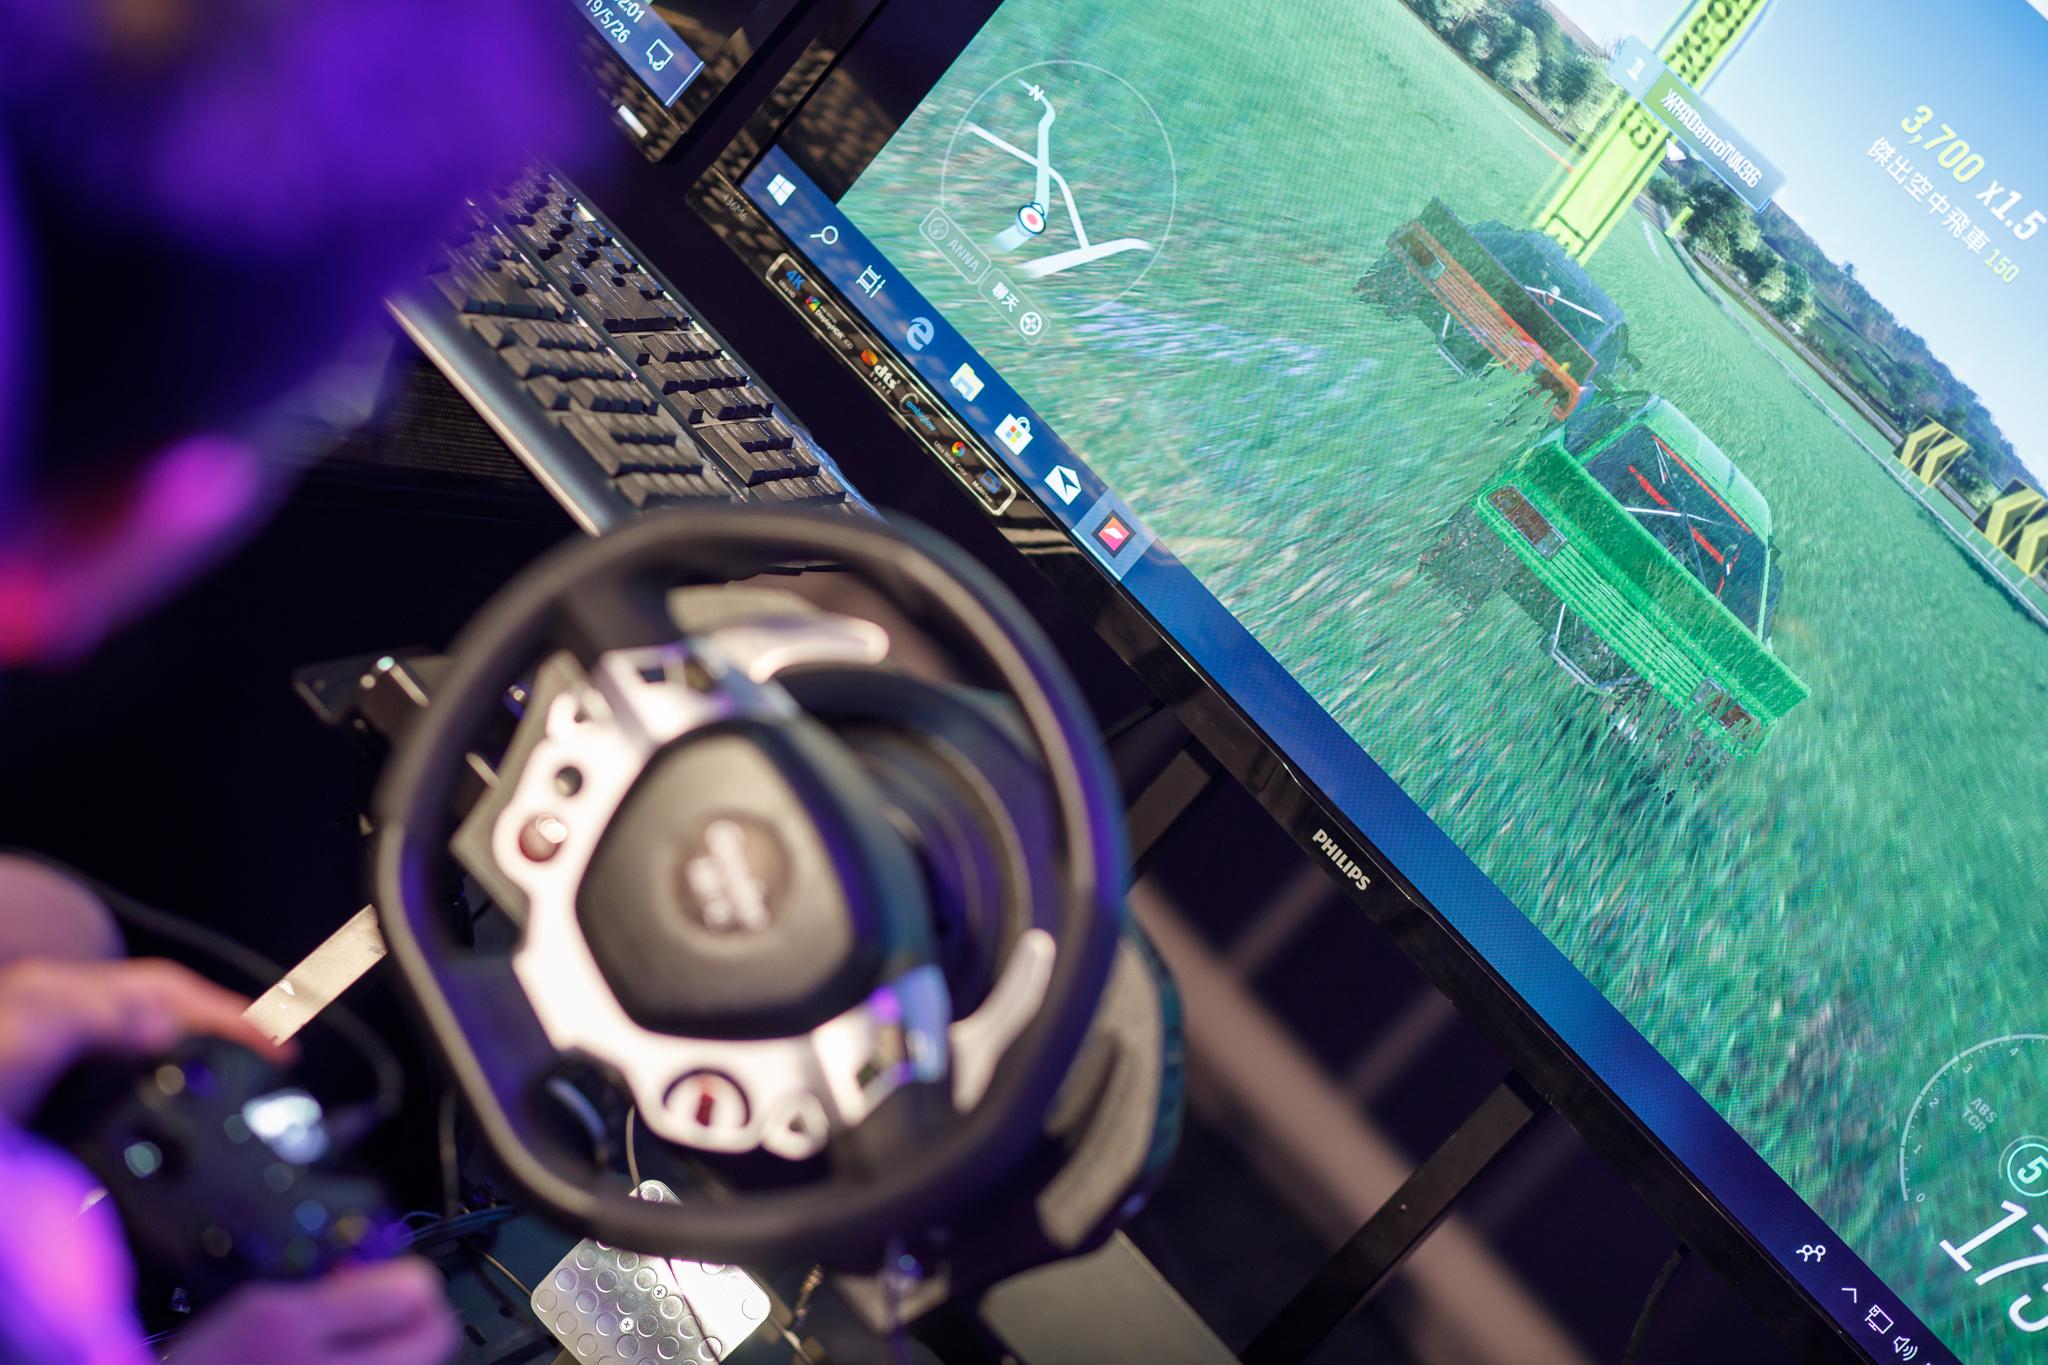 「捷元宙斯盃極限競速大賽」從初賽一路比到總決賽,全都採用《極限競速:地平線4》這款高人氣賽車遊戲。